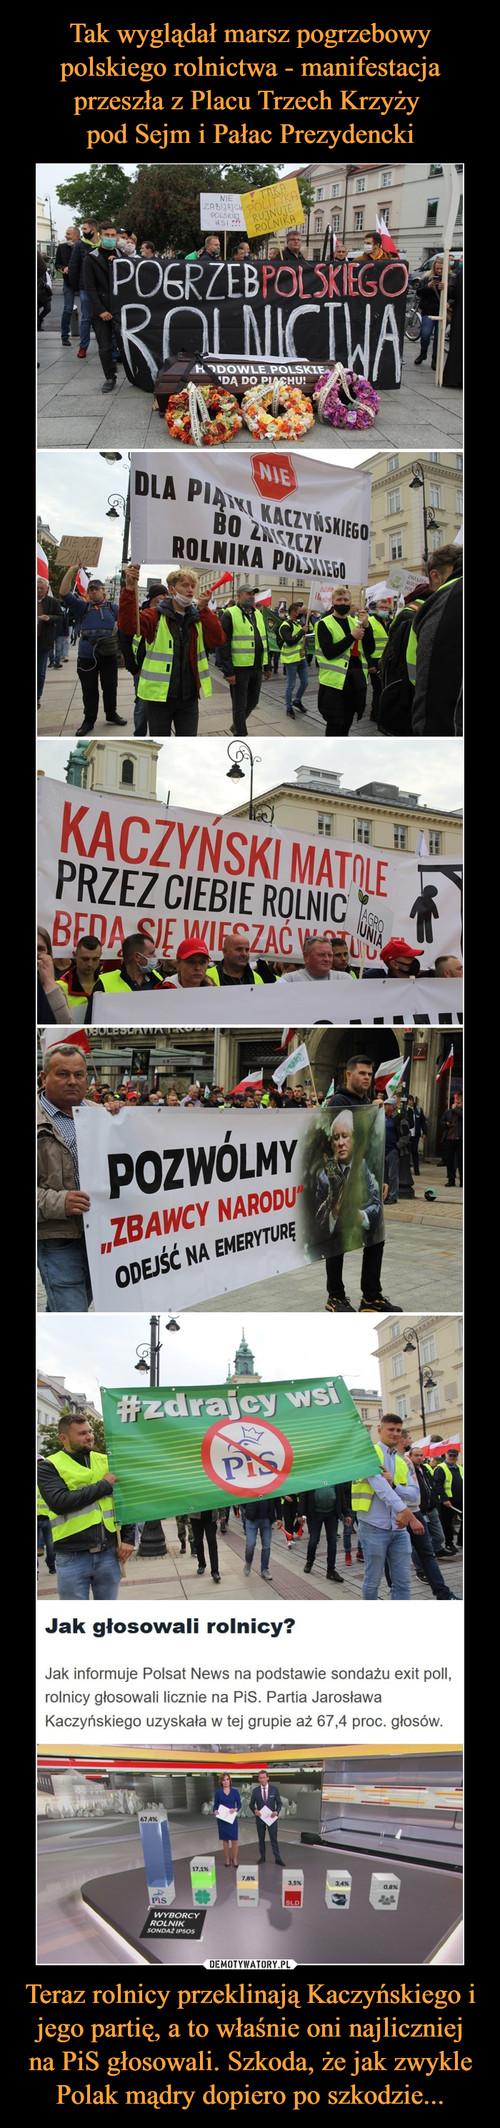 Tak wyglądał marsz pogrzebowy polskiego rolnictwa - manifestacja przeszła z Placu Trzech Krzyży  pod Sejm i Pałac Prezydencki Teraz rolnicy przeklinają Kaczyńskiego i jego partię, a to właśnie oni najliczniej na PiS głosowali. Szkoda, że jak zwykle Polak mądry dopiero po szkodzie...